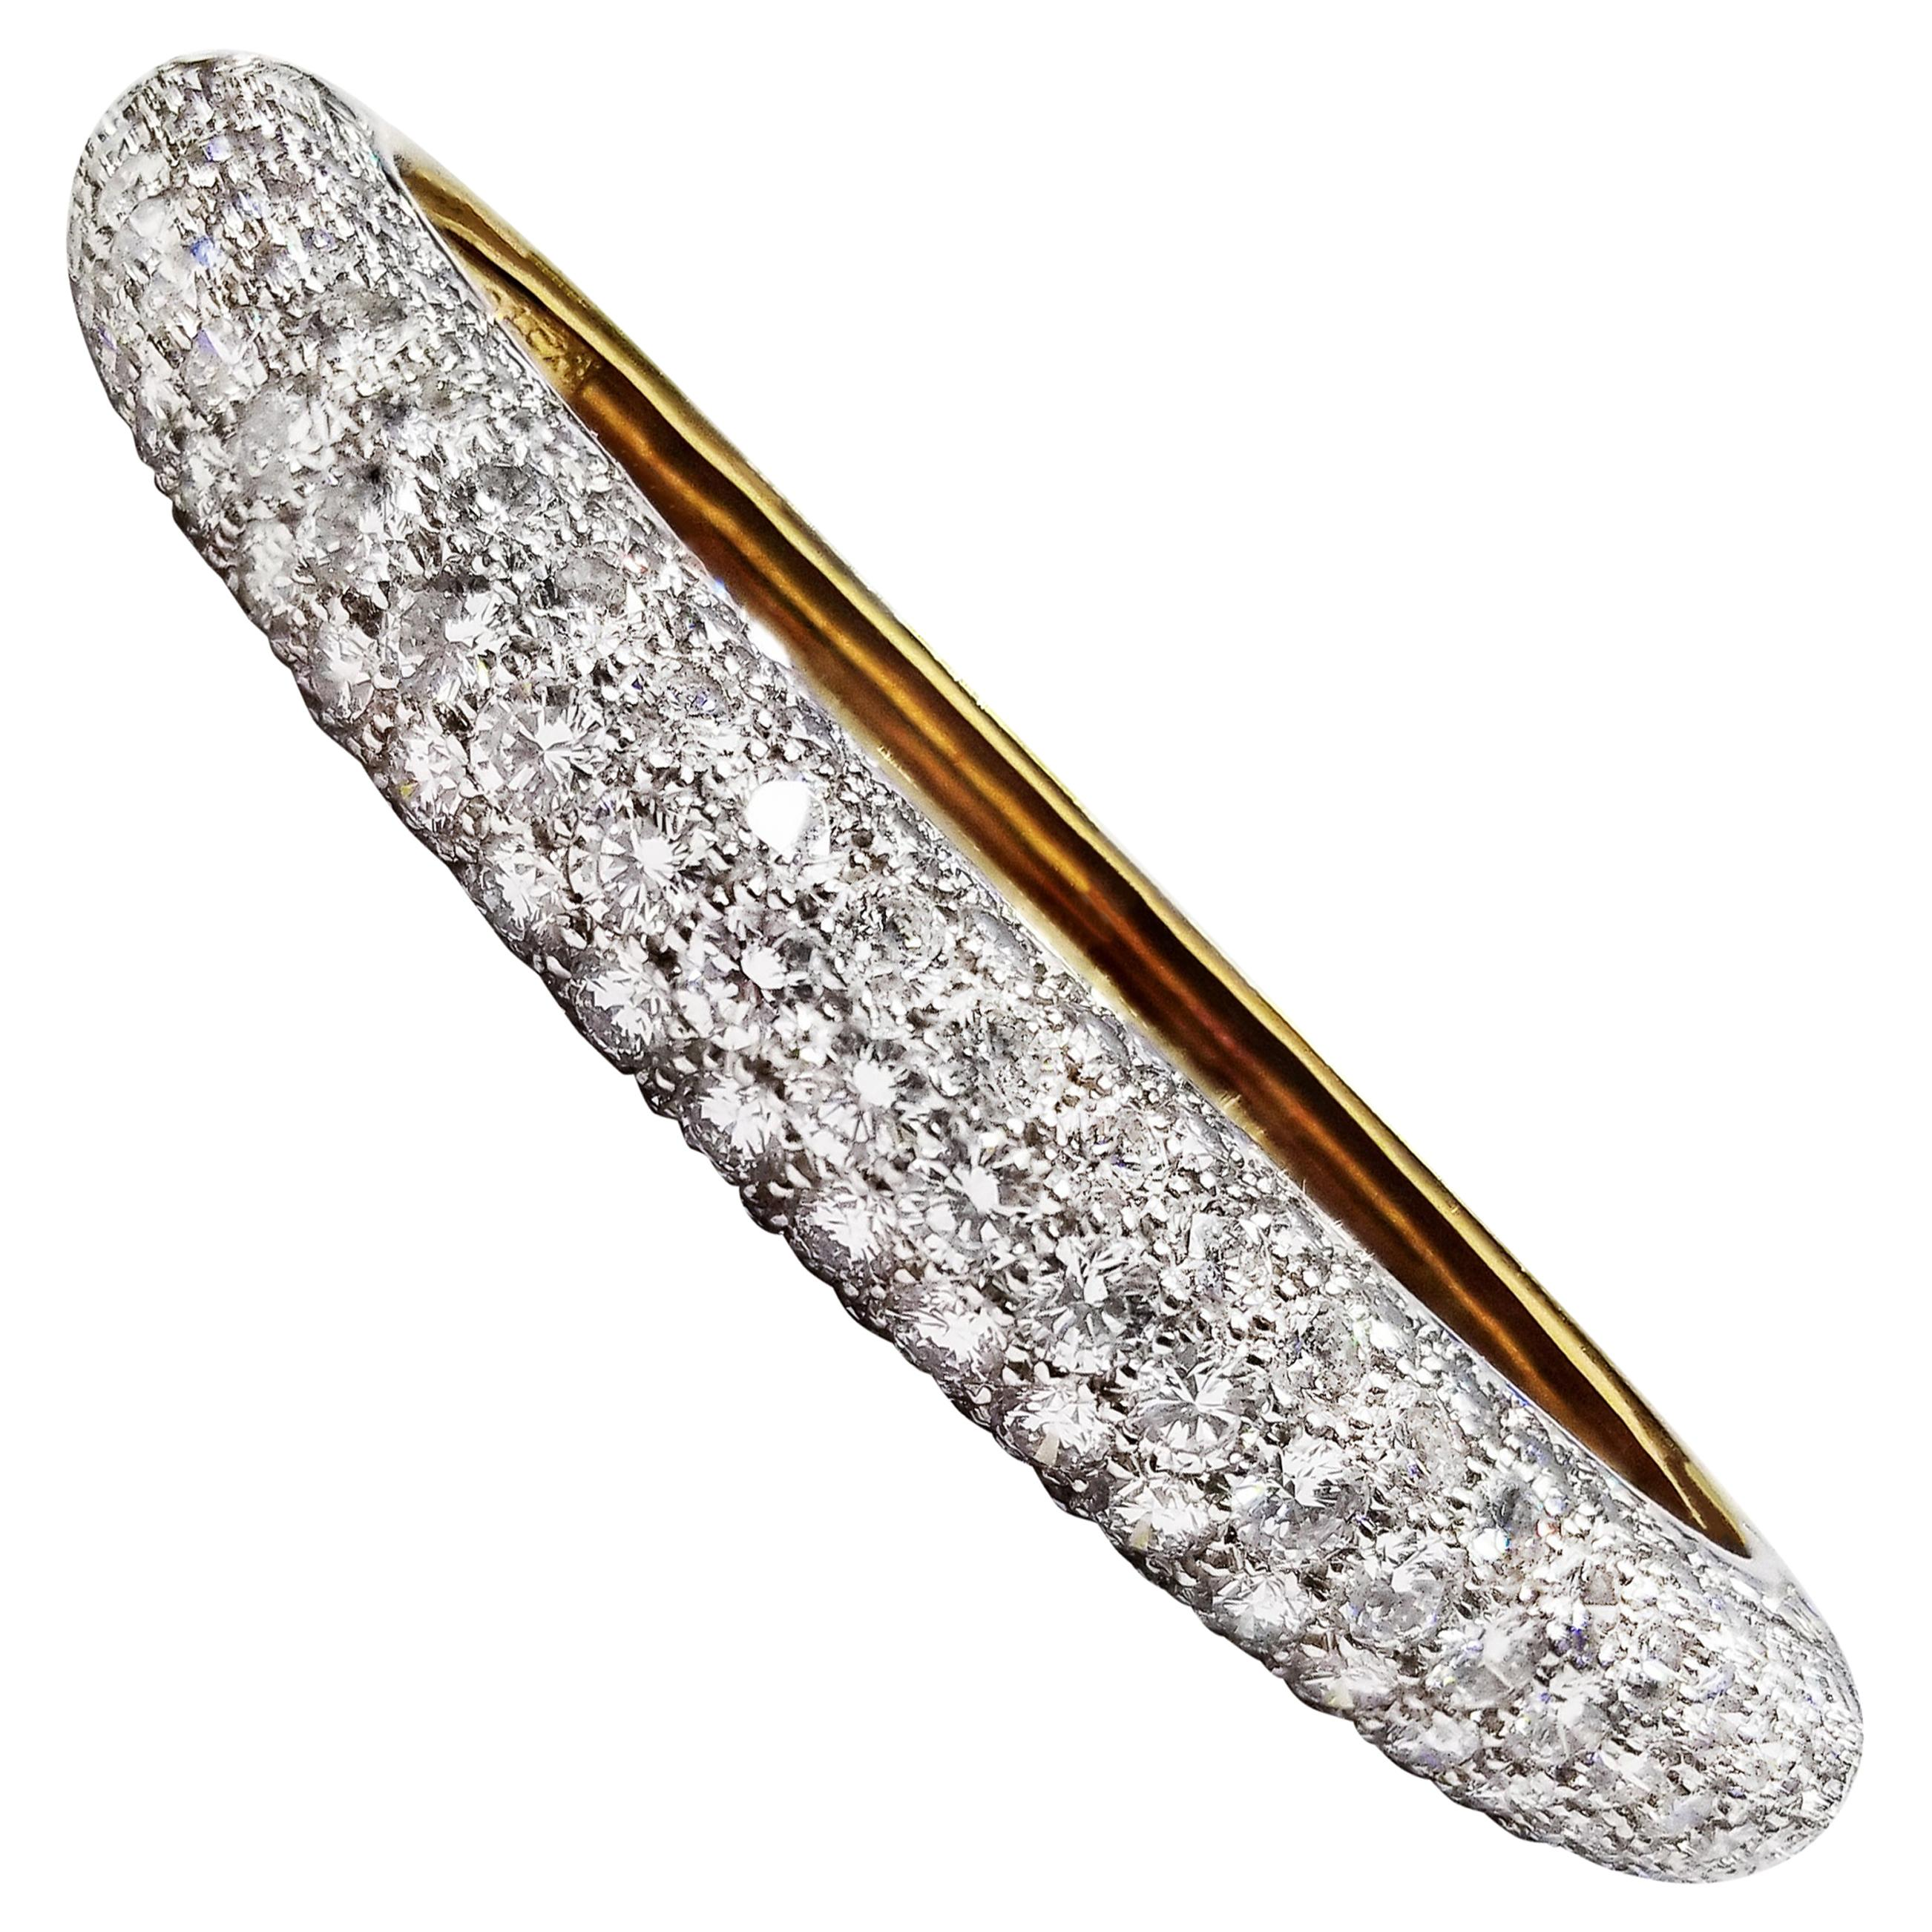 Van Cleef & Arpels Diamond Bracelet